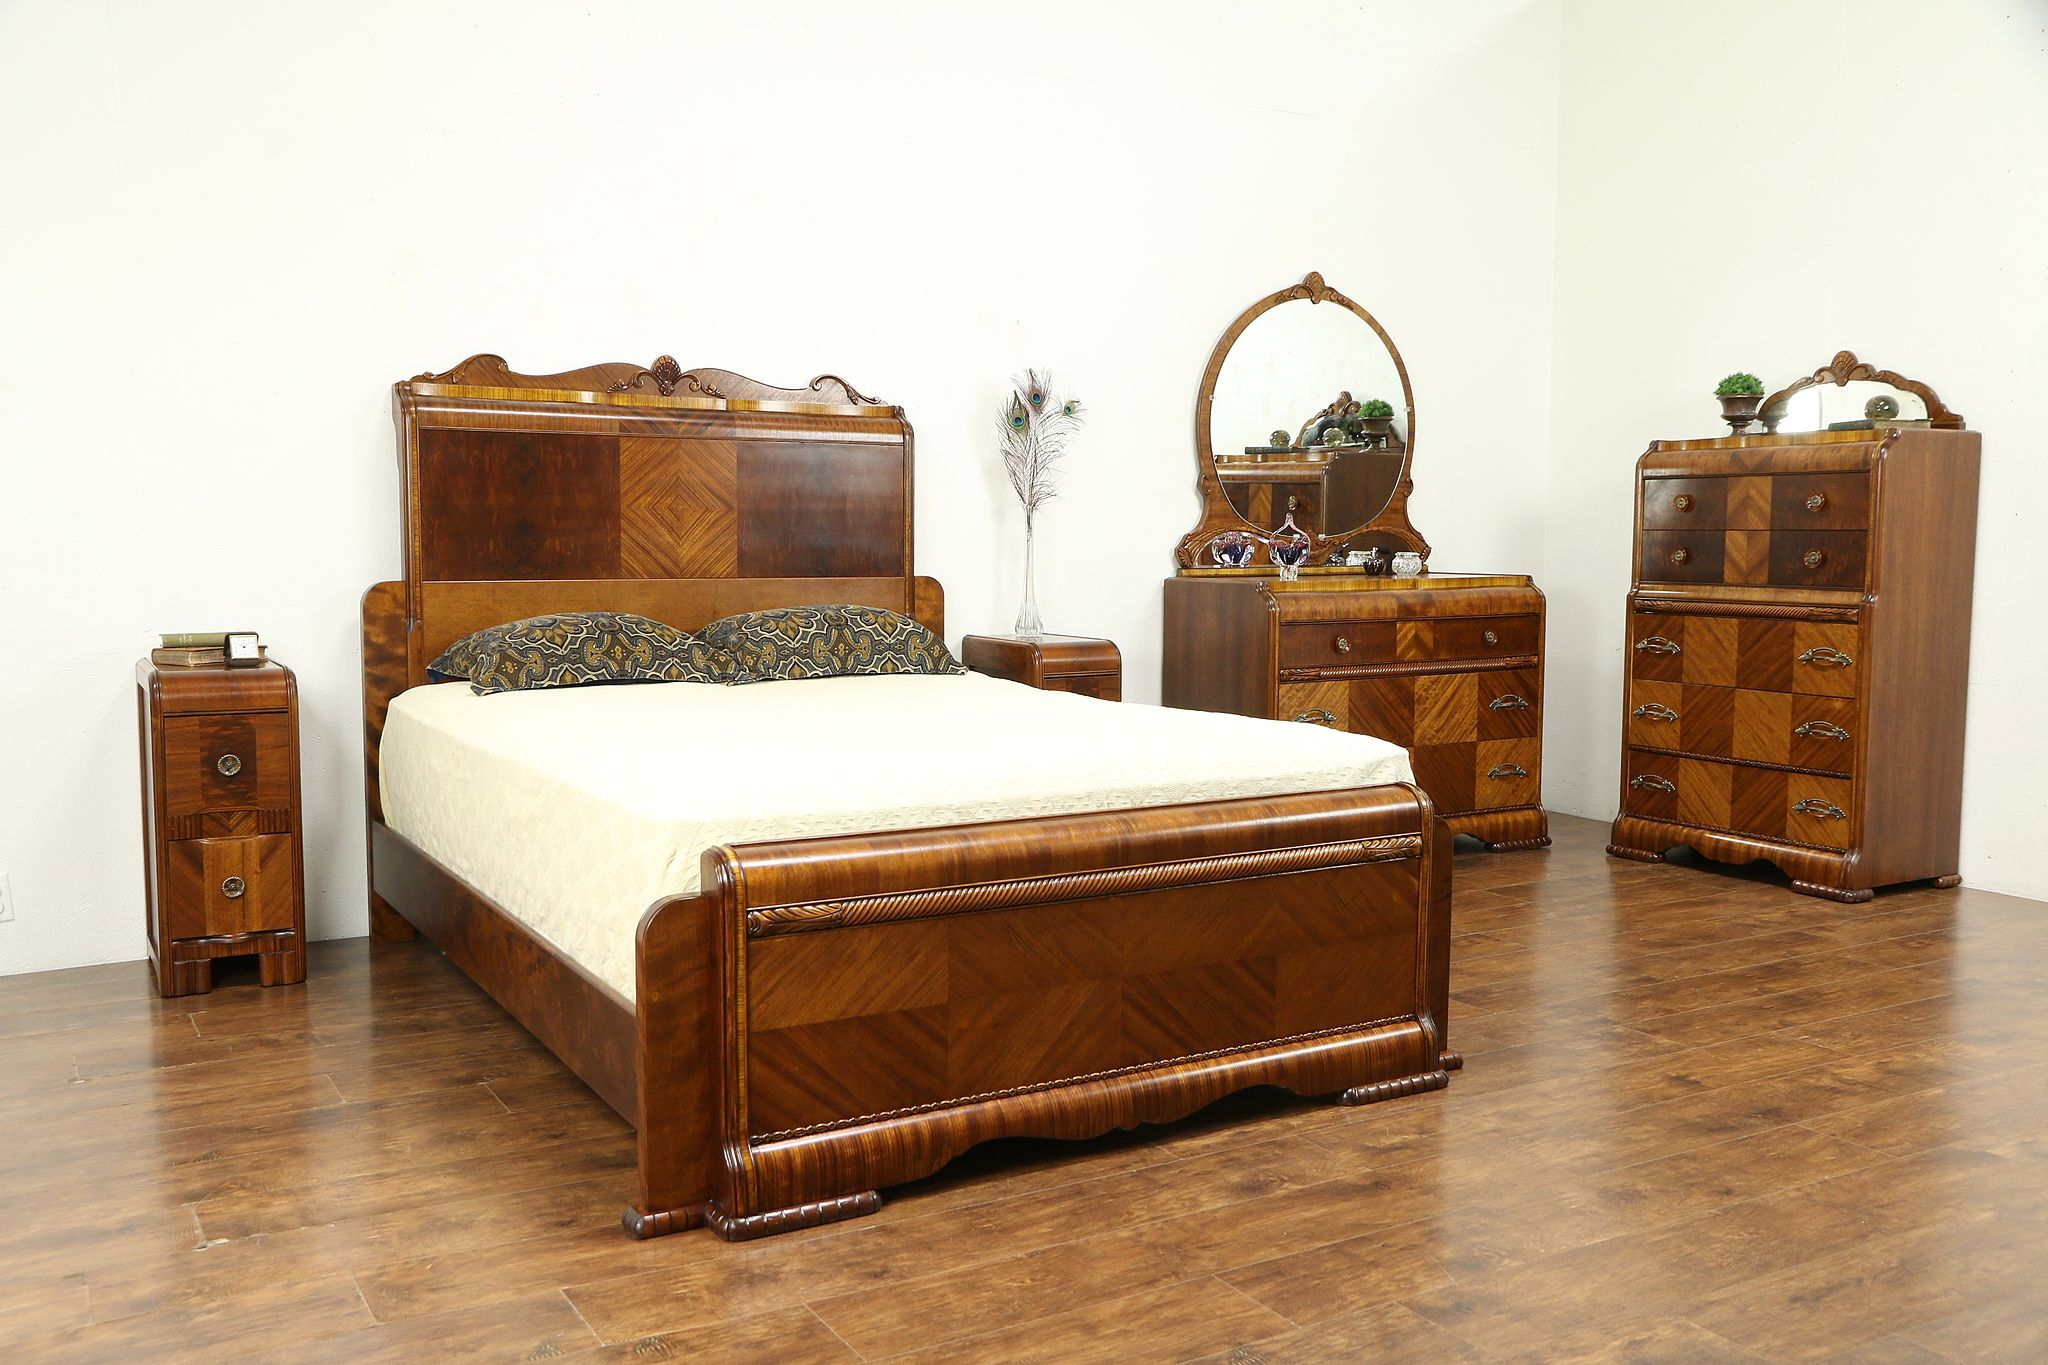 Art Deco Waterfall Vintage 5 pc Bedroom Set, Queen Size Bed #30957